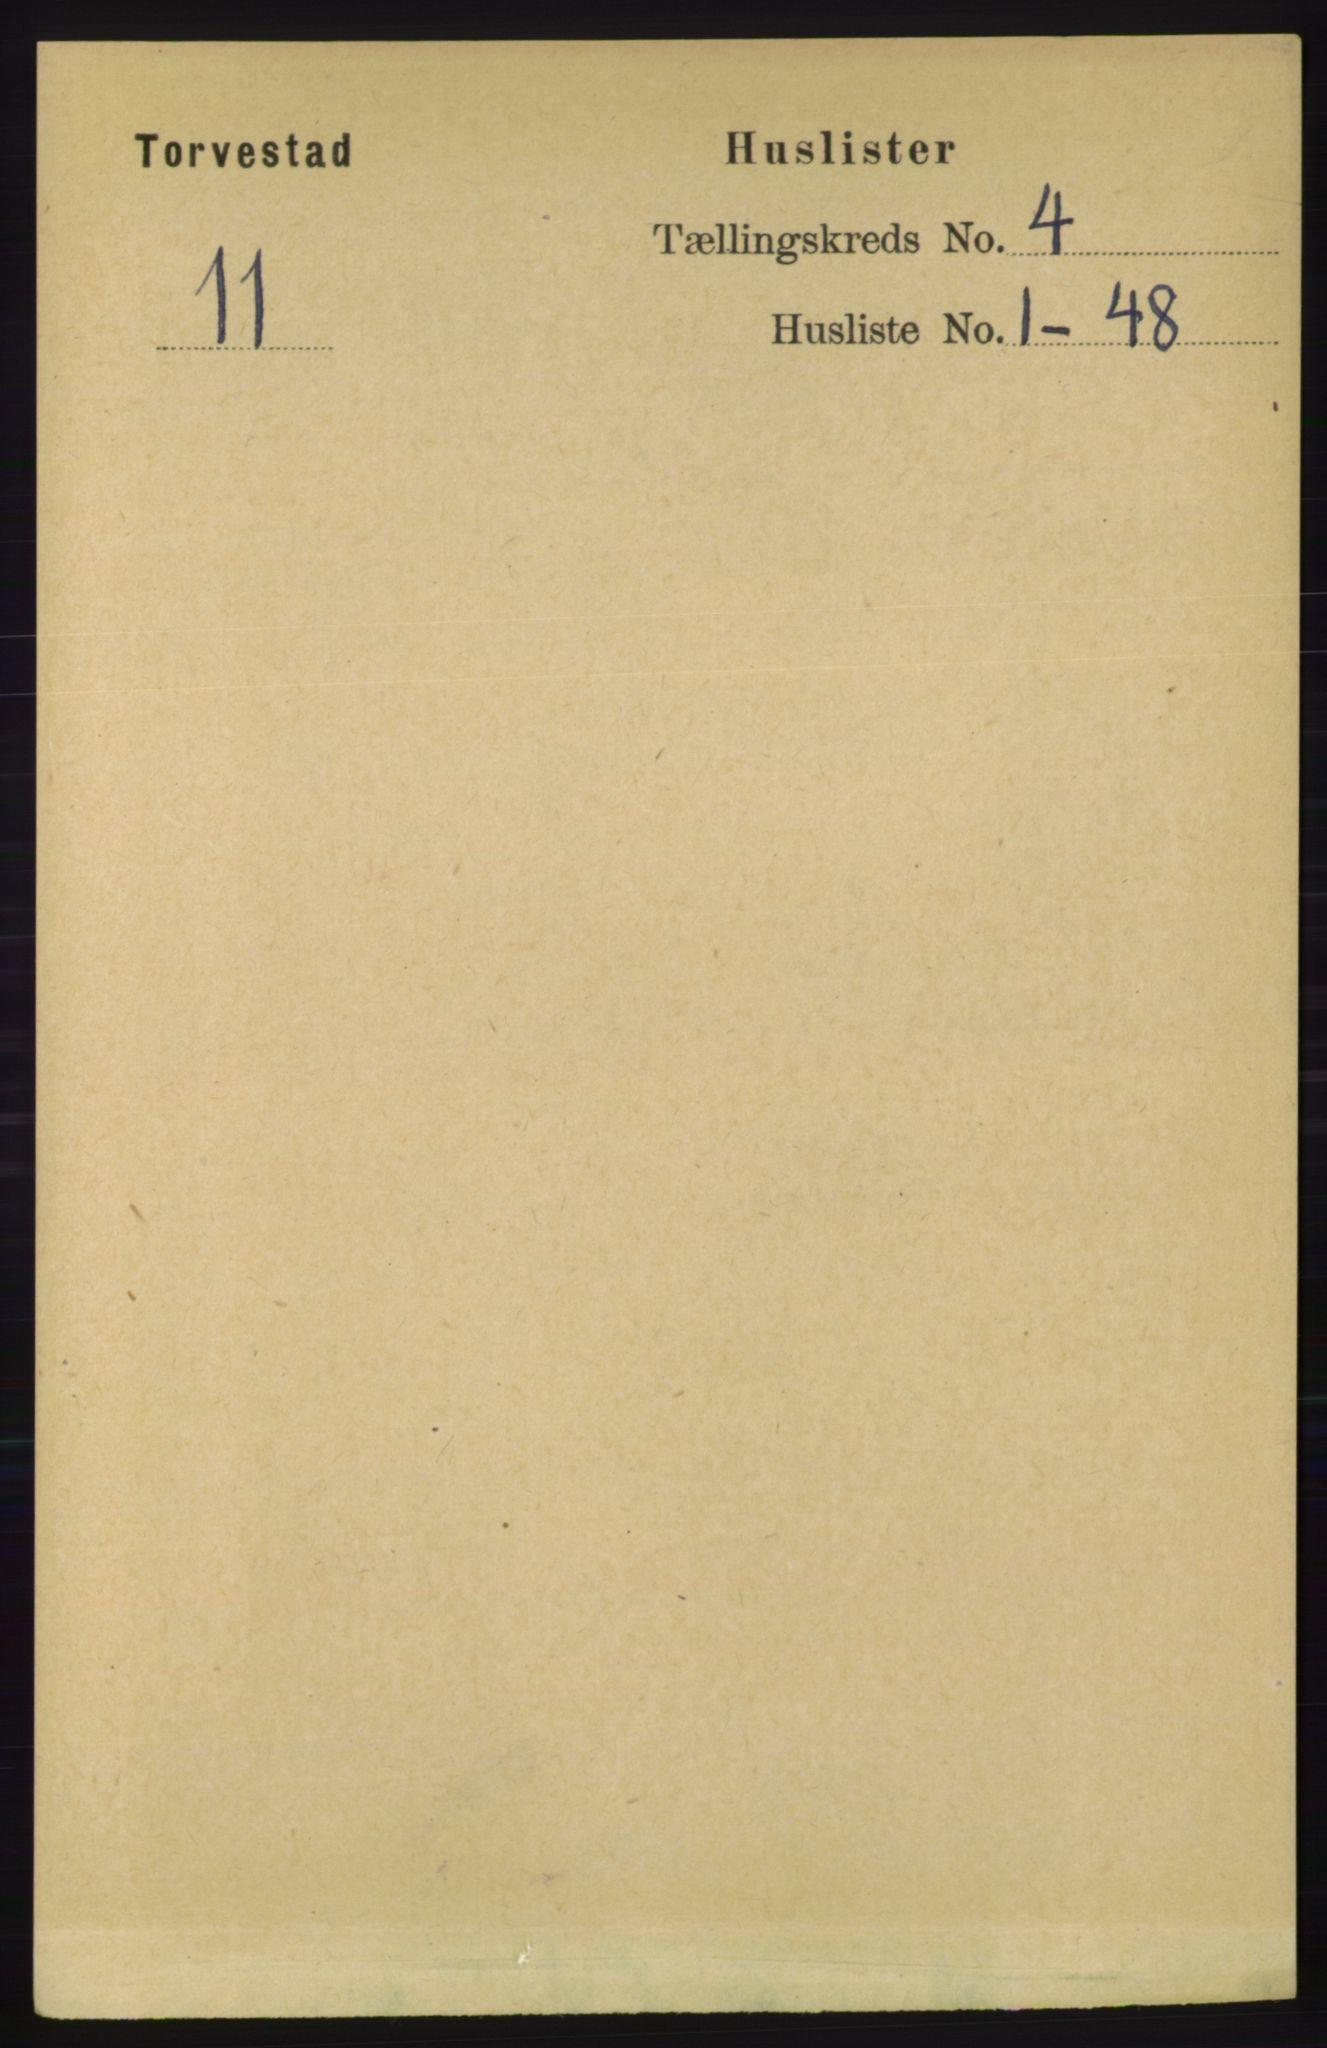 RA, Folketelling 1891 for 1152 Torvastad herred, 1891, s. 1421